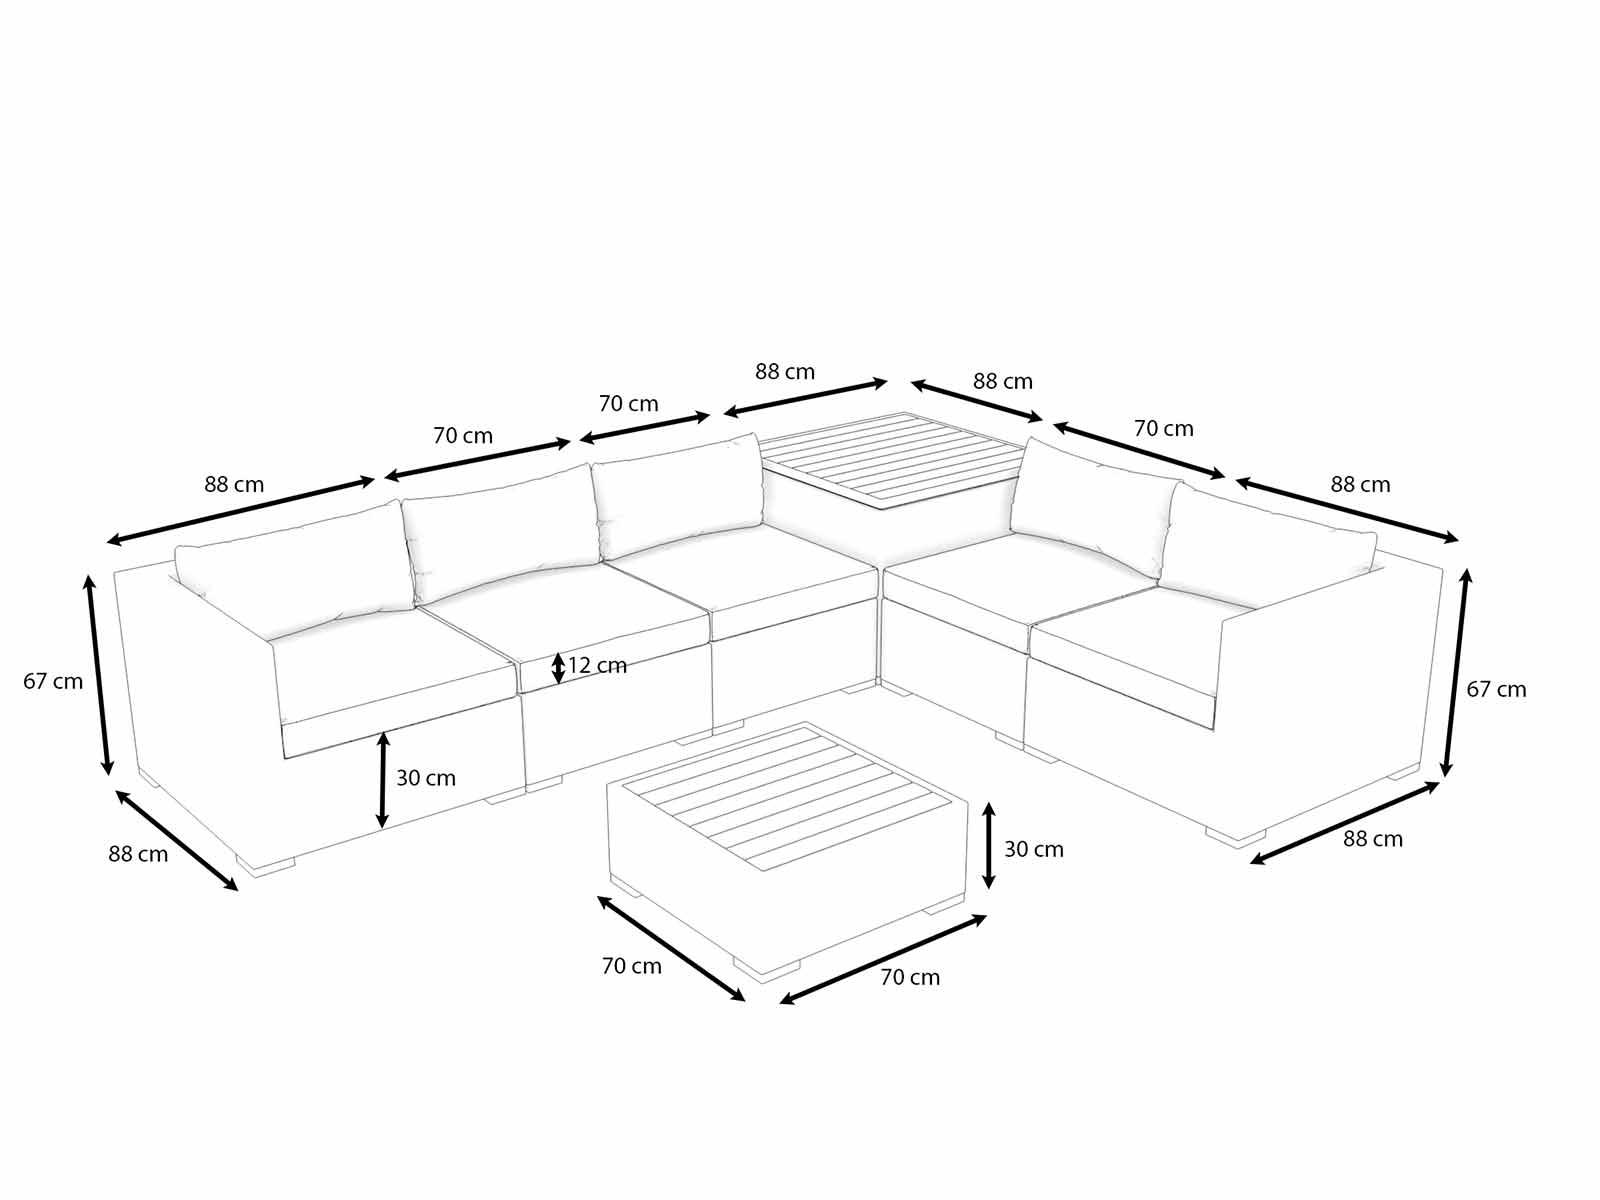 Full Size of Sofa Selber Bauen Couch Ikea Welches Holz Aus Matratzen Outdoor Matratze Diy Lounge Bauplan Und Fr Unter 100 Euro Halbrundes Mit Led Velux Fenster Einbauen Wohnzimmer Sofa Selber Bauen